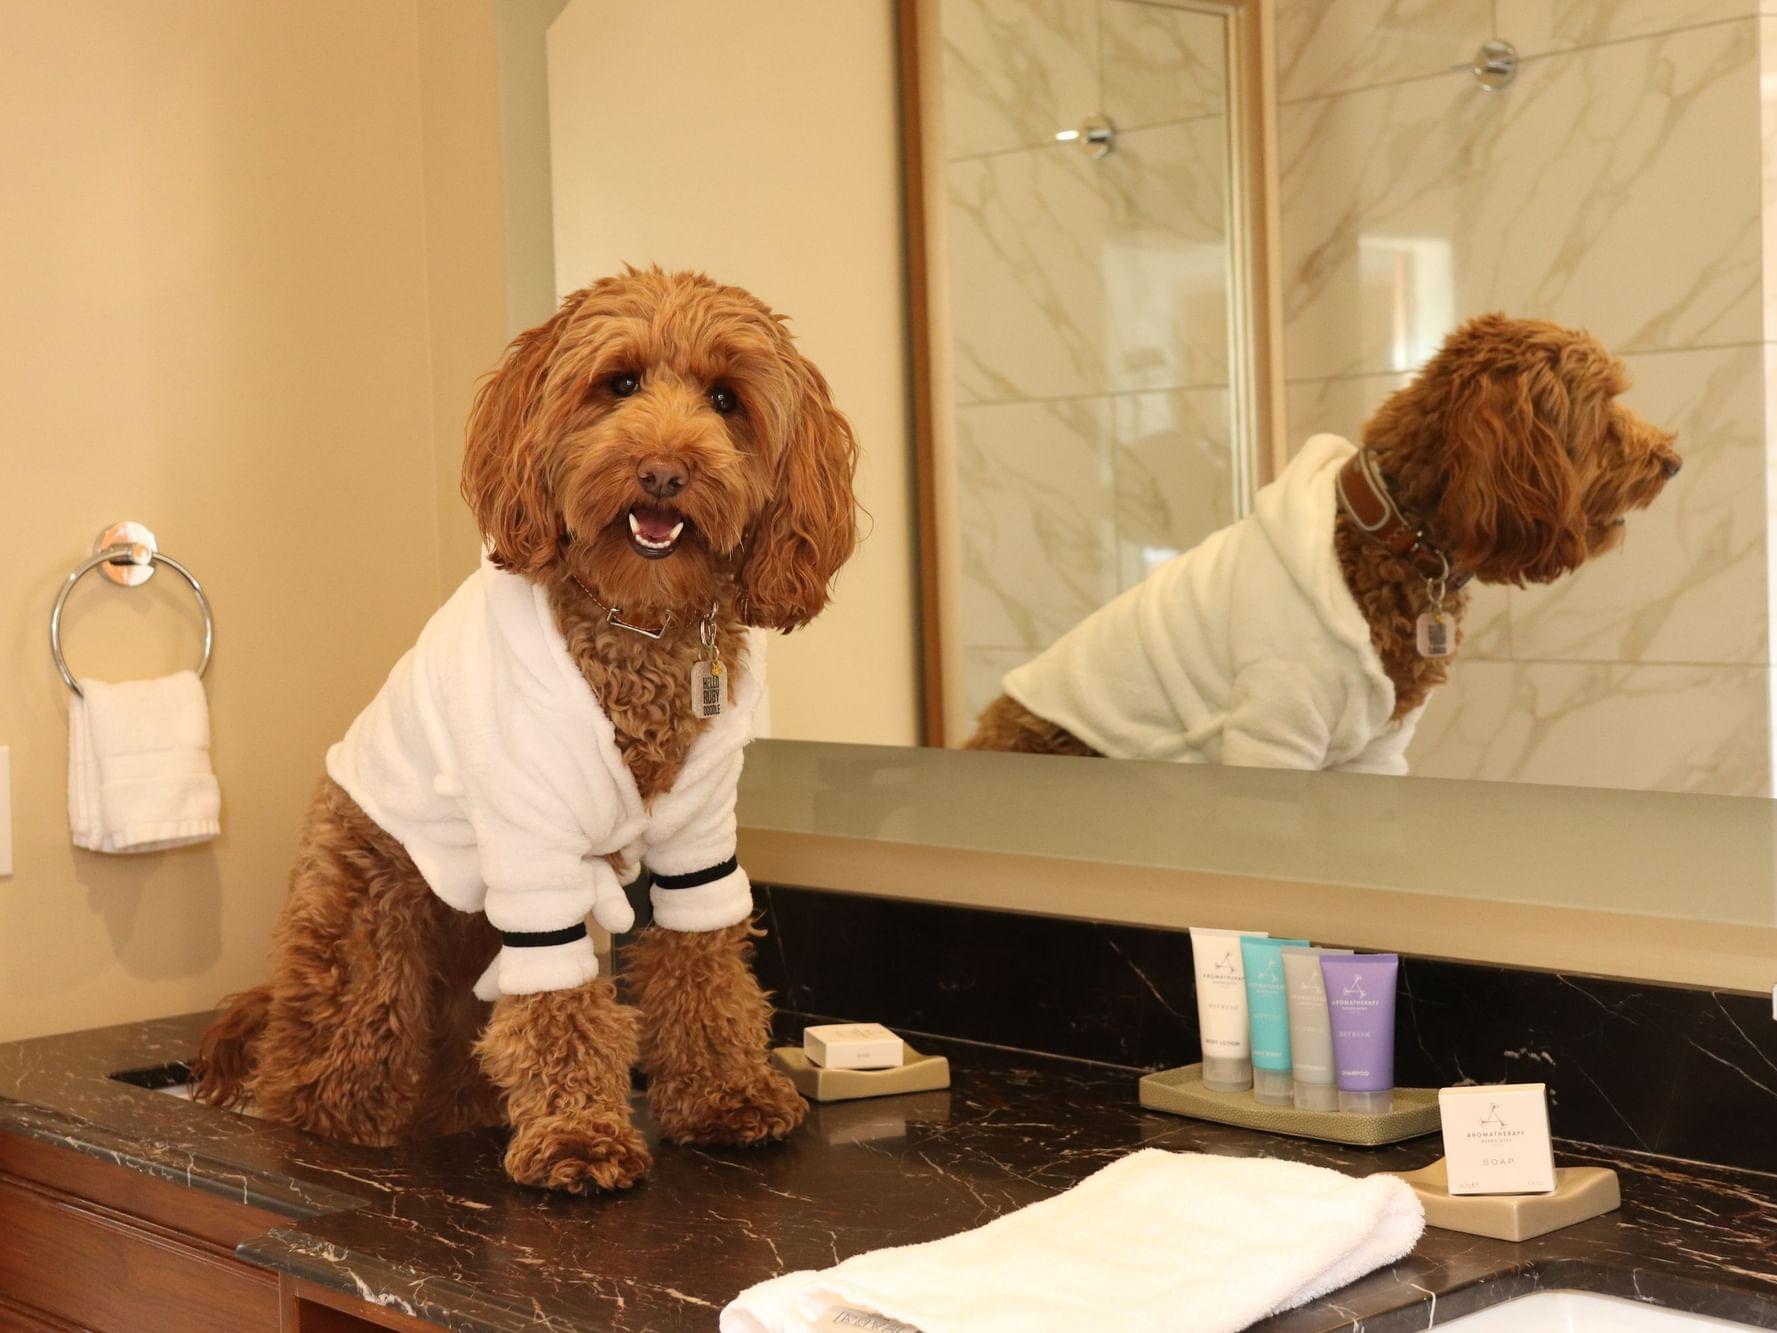 Medium sized dog wearing robe while sitting on bathroom vanity